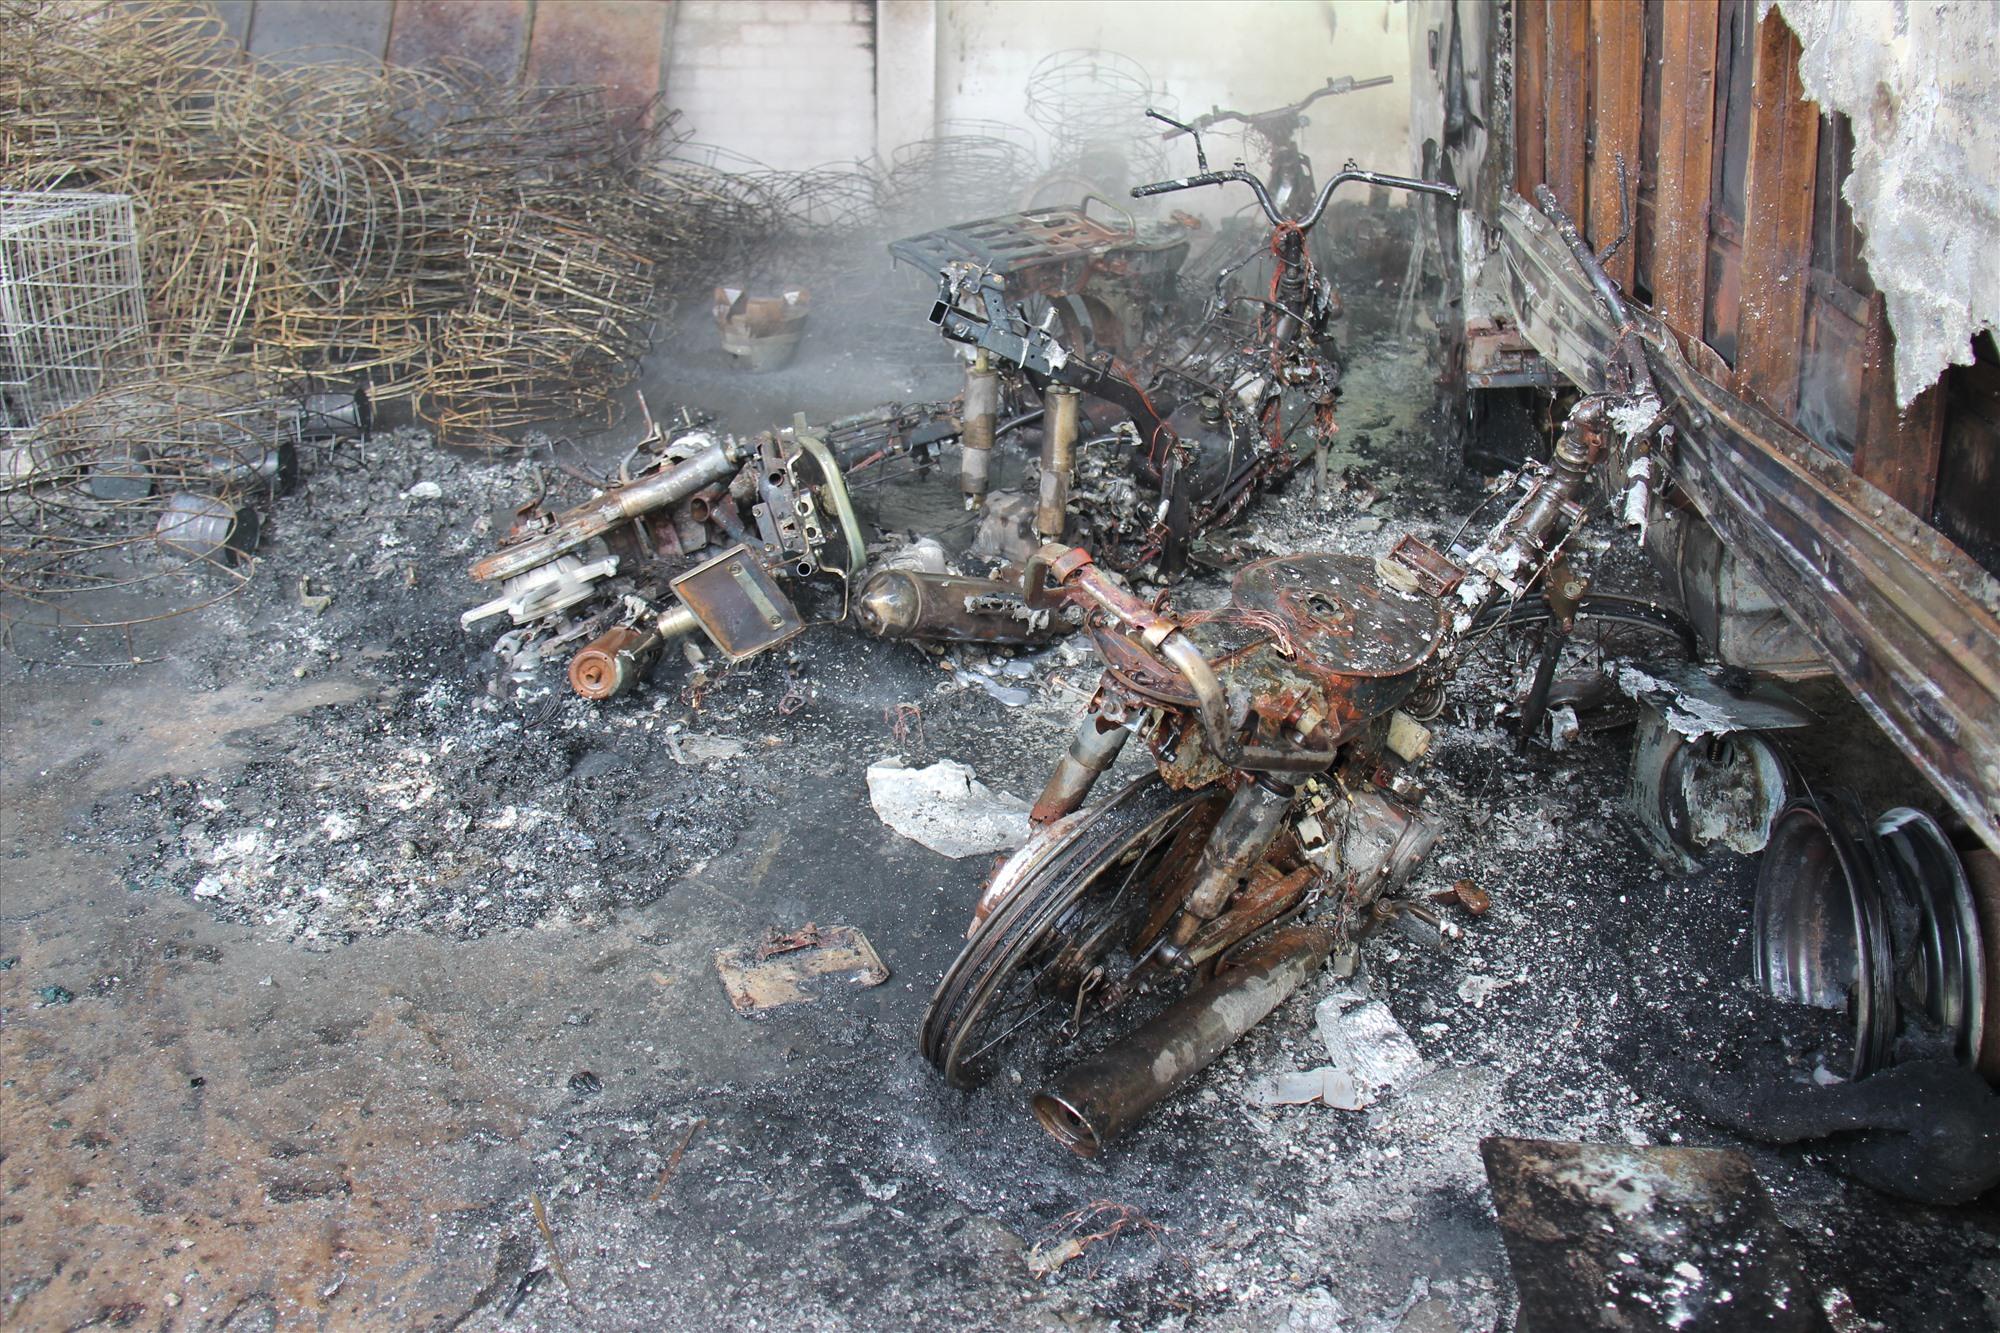 Xe máy bị cháy rụi không thể sửa chữa. Ảnh: HOÀI AN